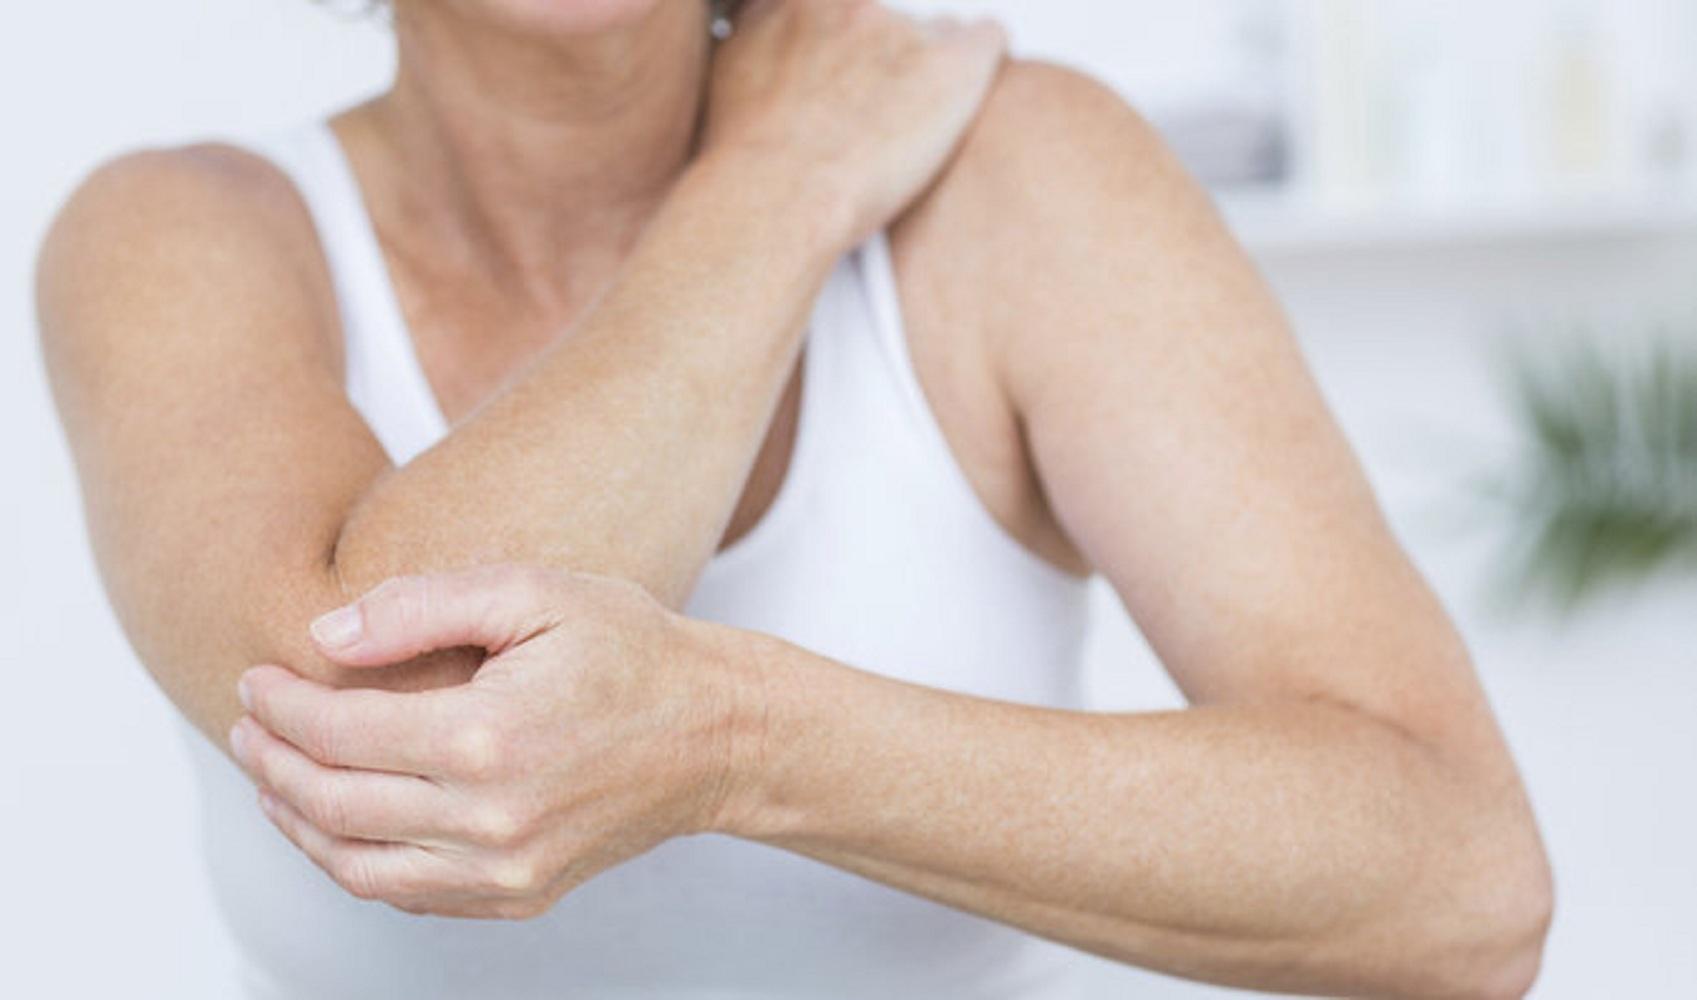 cum să tratezi durerile articulare la domiciliu)